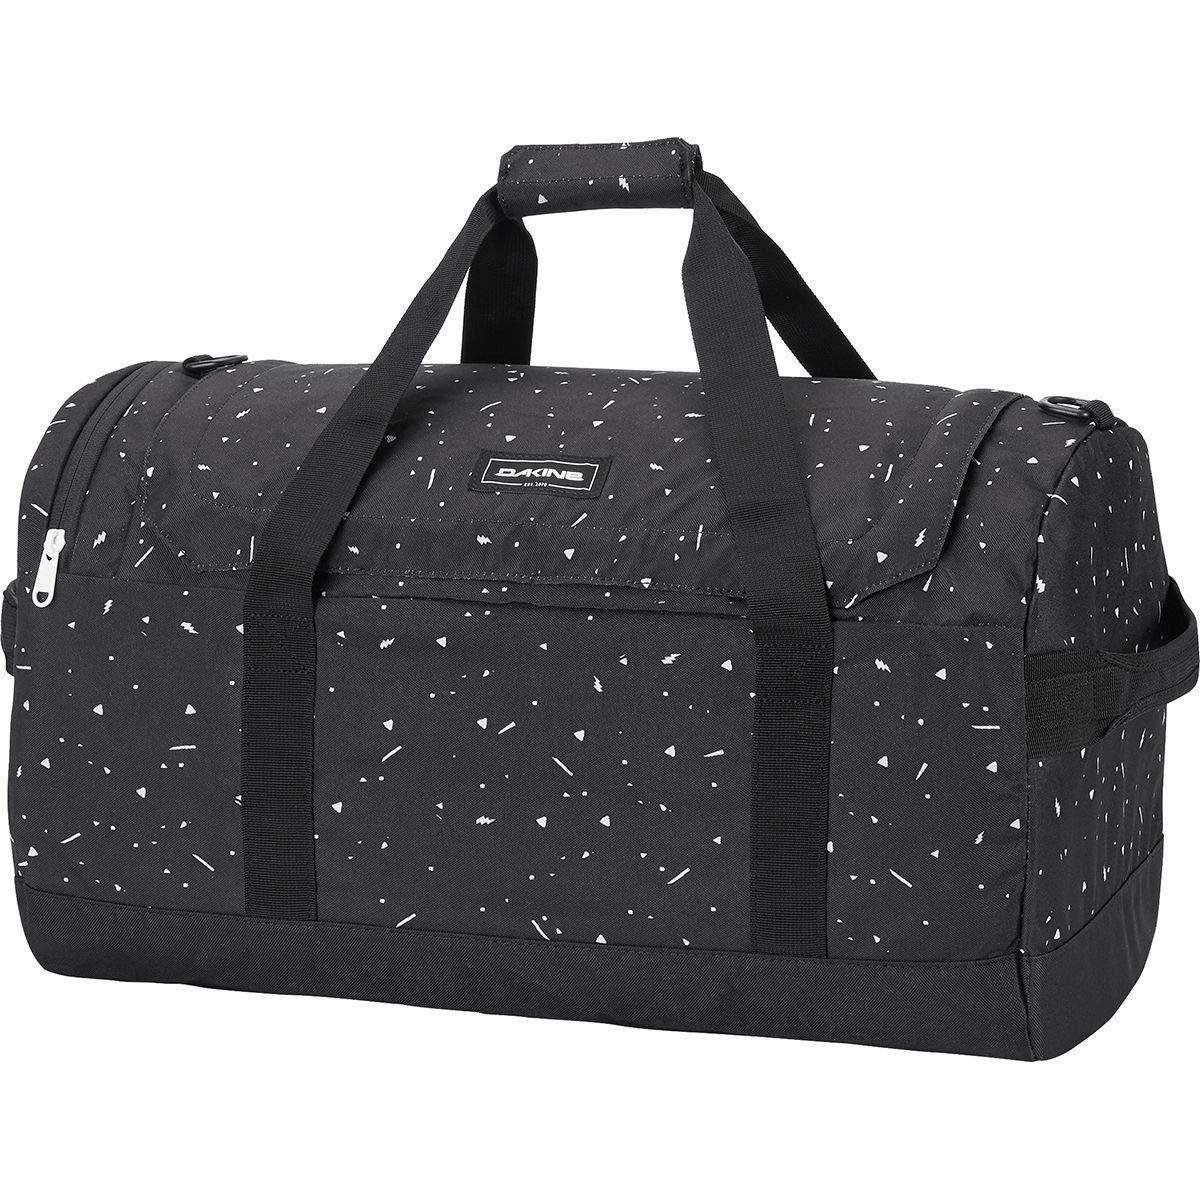 [ダカイン DAKINE] メンズ バッグ ボストンバッグ EQ 50L Duffel Bag [並行輸入品] B07NZMSCJW  No-Size